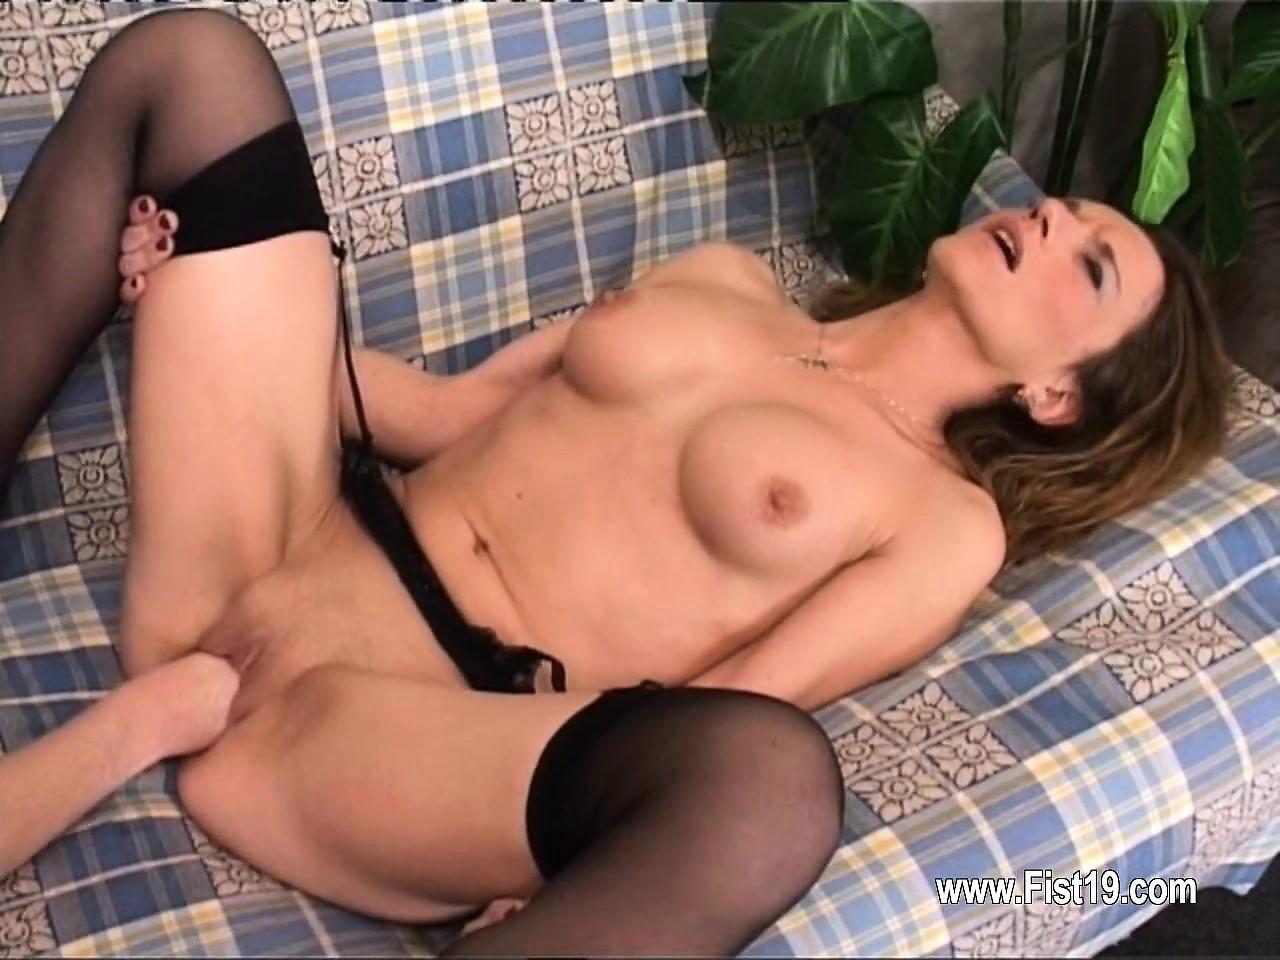 смотреть порно ролики жена отрывается в далеке от мужа